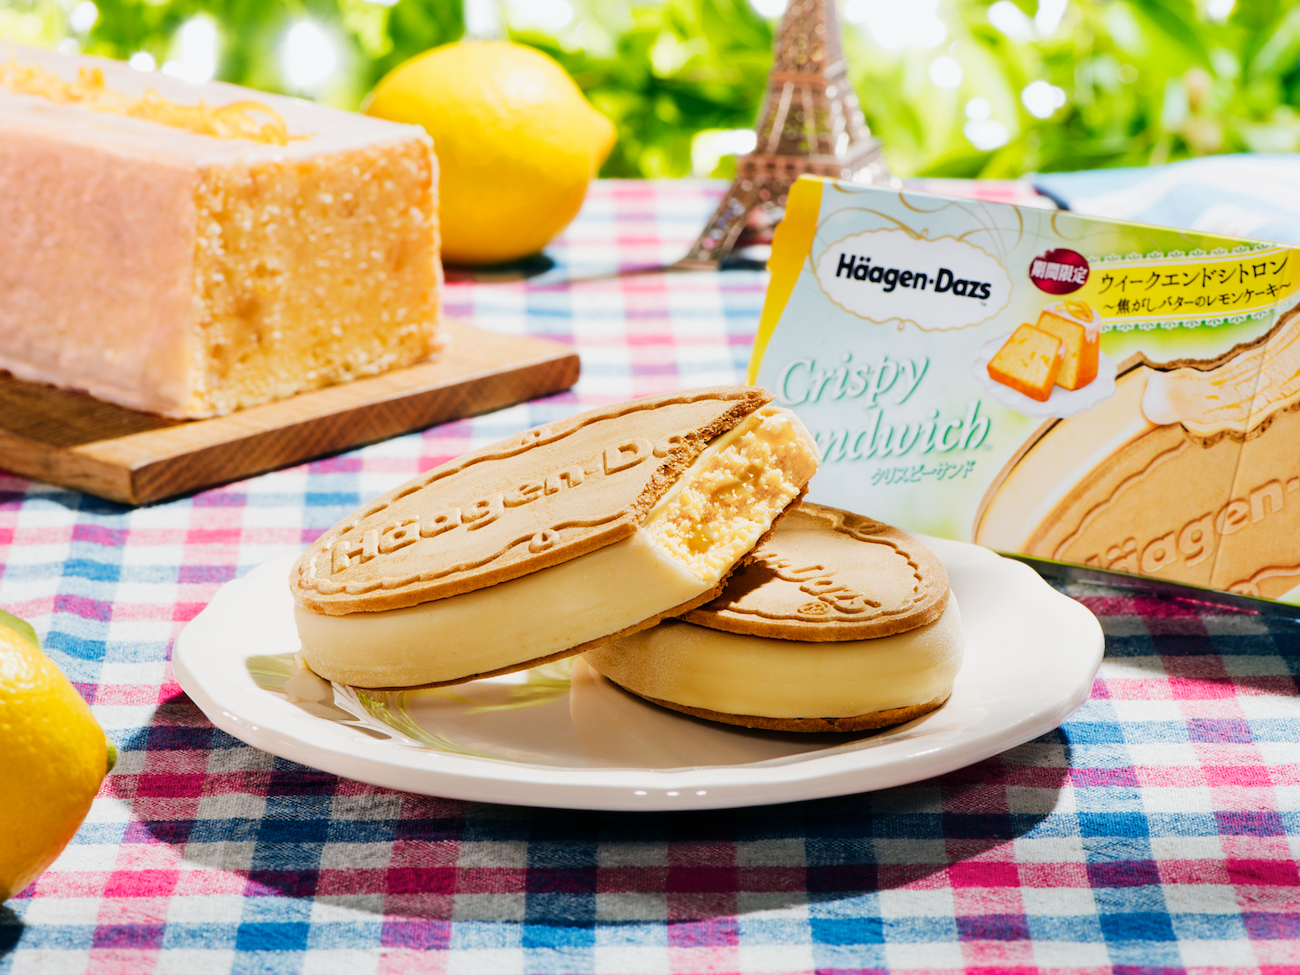 ハーゲンダッツ・クリスピーサンド『ウィークエンドシトロン ~焦がしバターのレモンケーキ~』